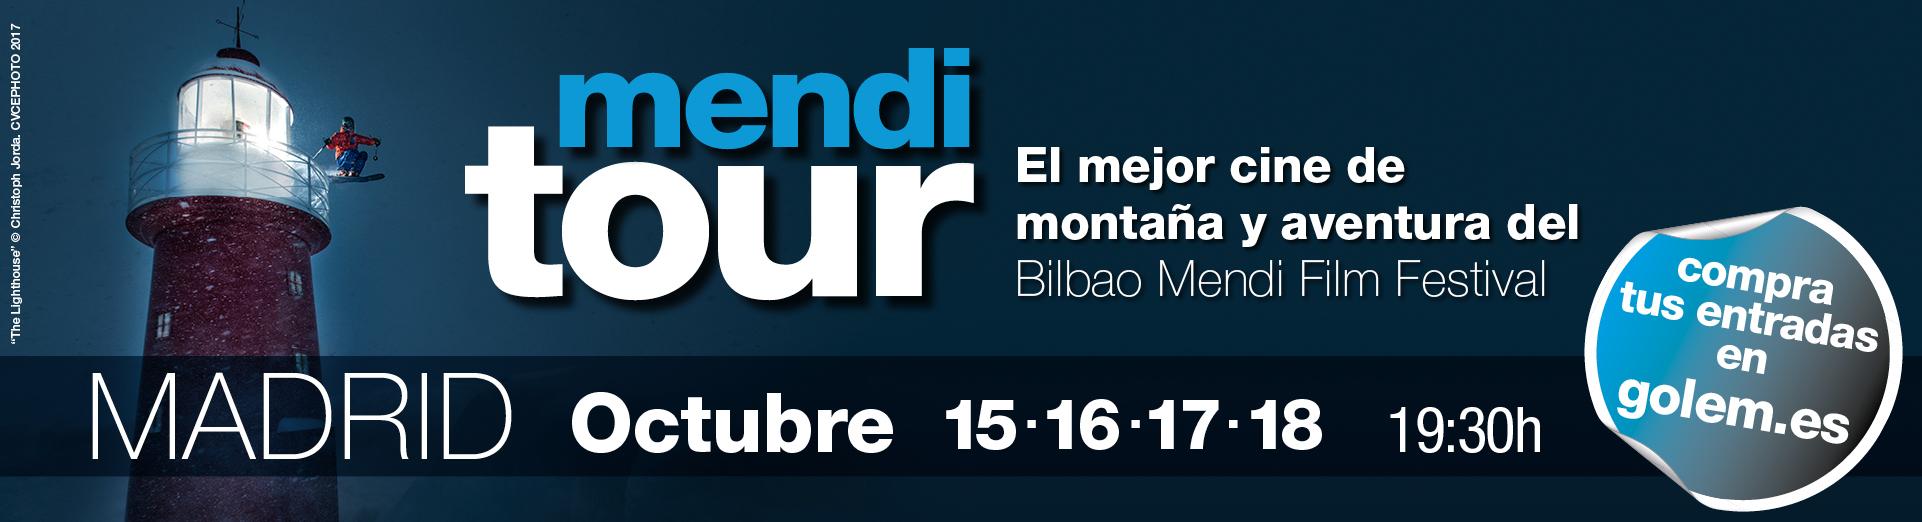 MENDI TOUR MADRID